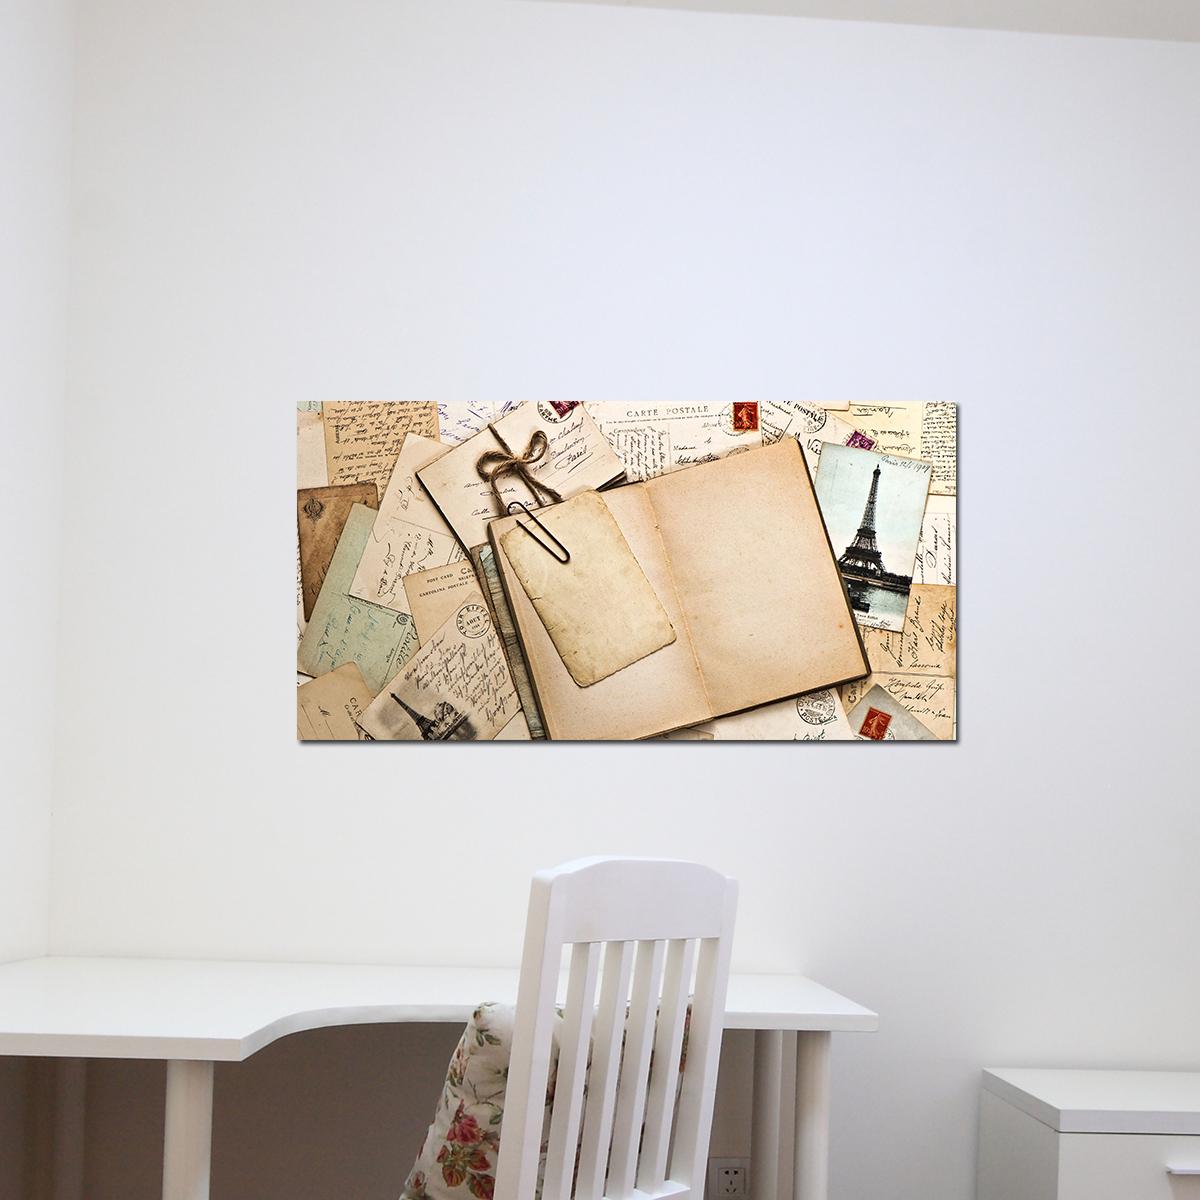 papier peint magn tique sticker papier peint magn tique vieille lettres ambiance. Black Bedroom Furniture Sets. Home Design Ideas